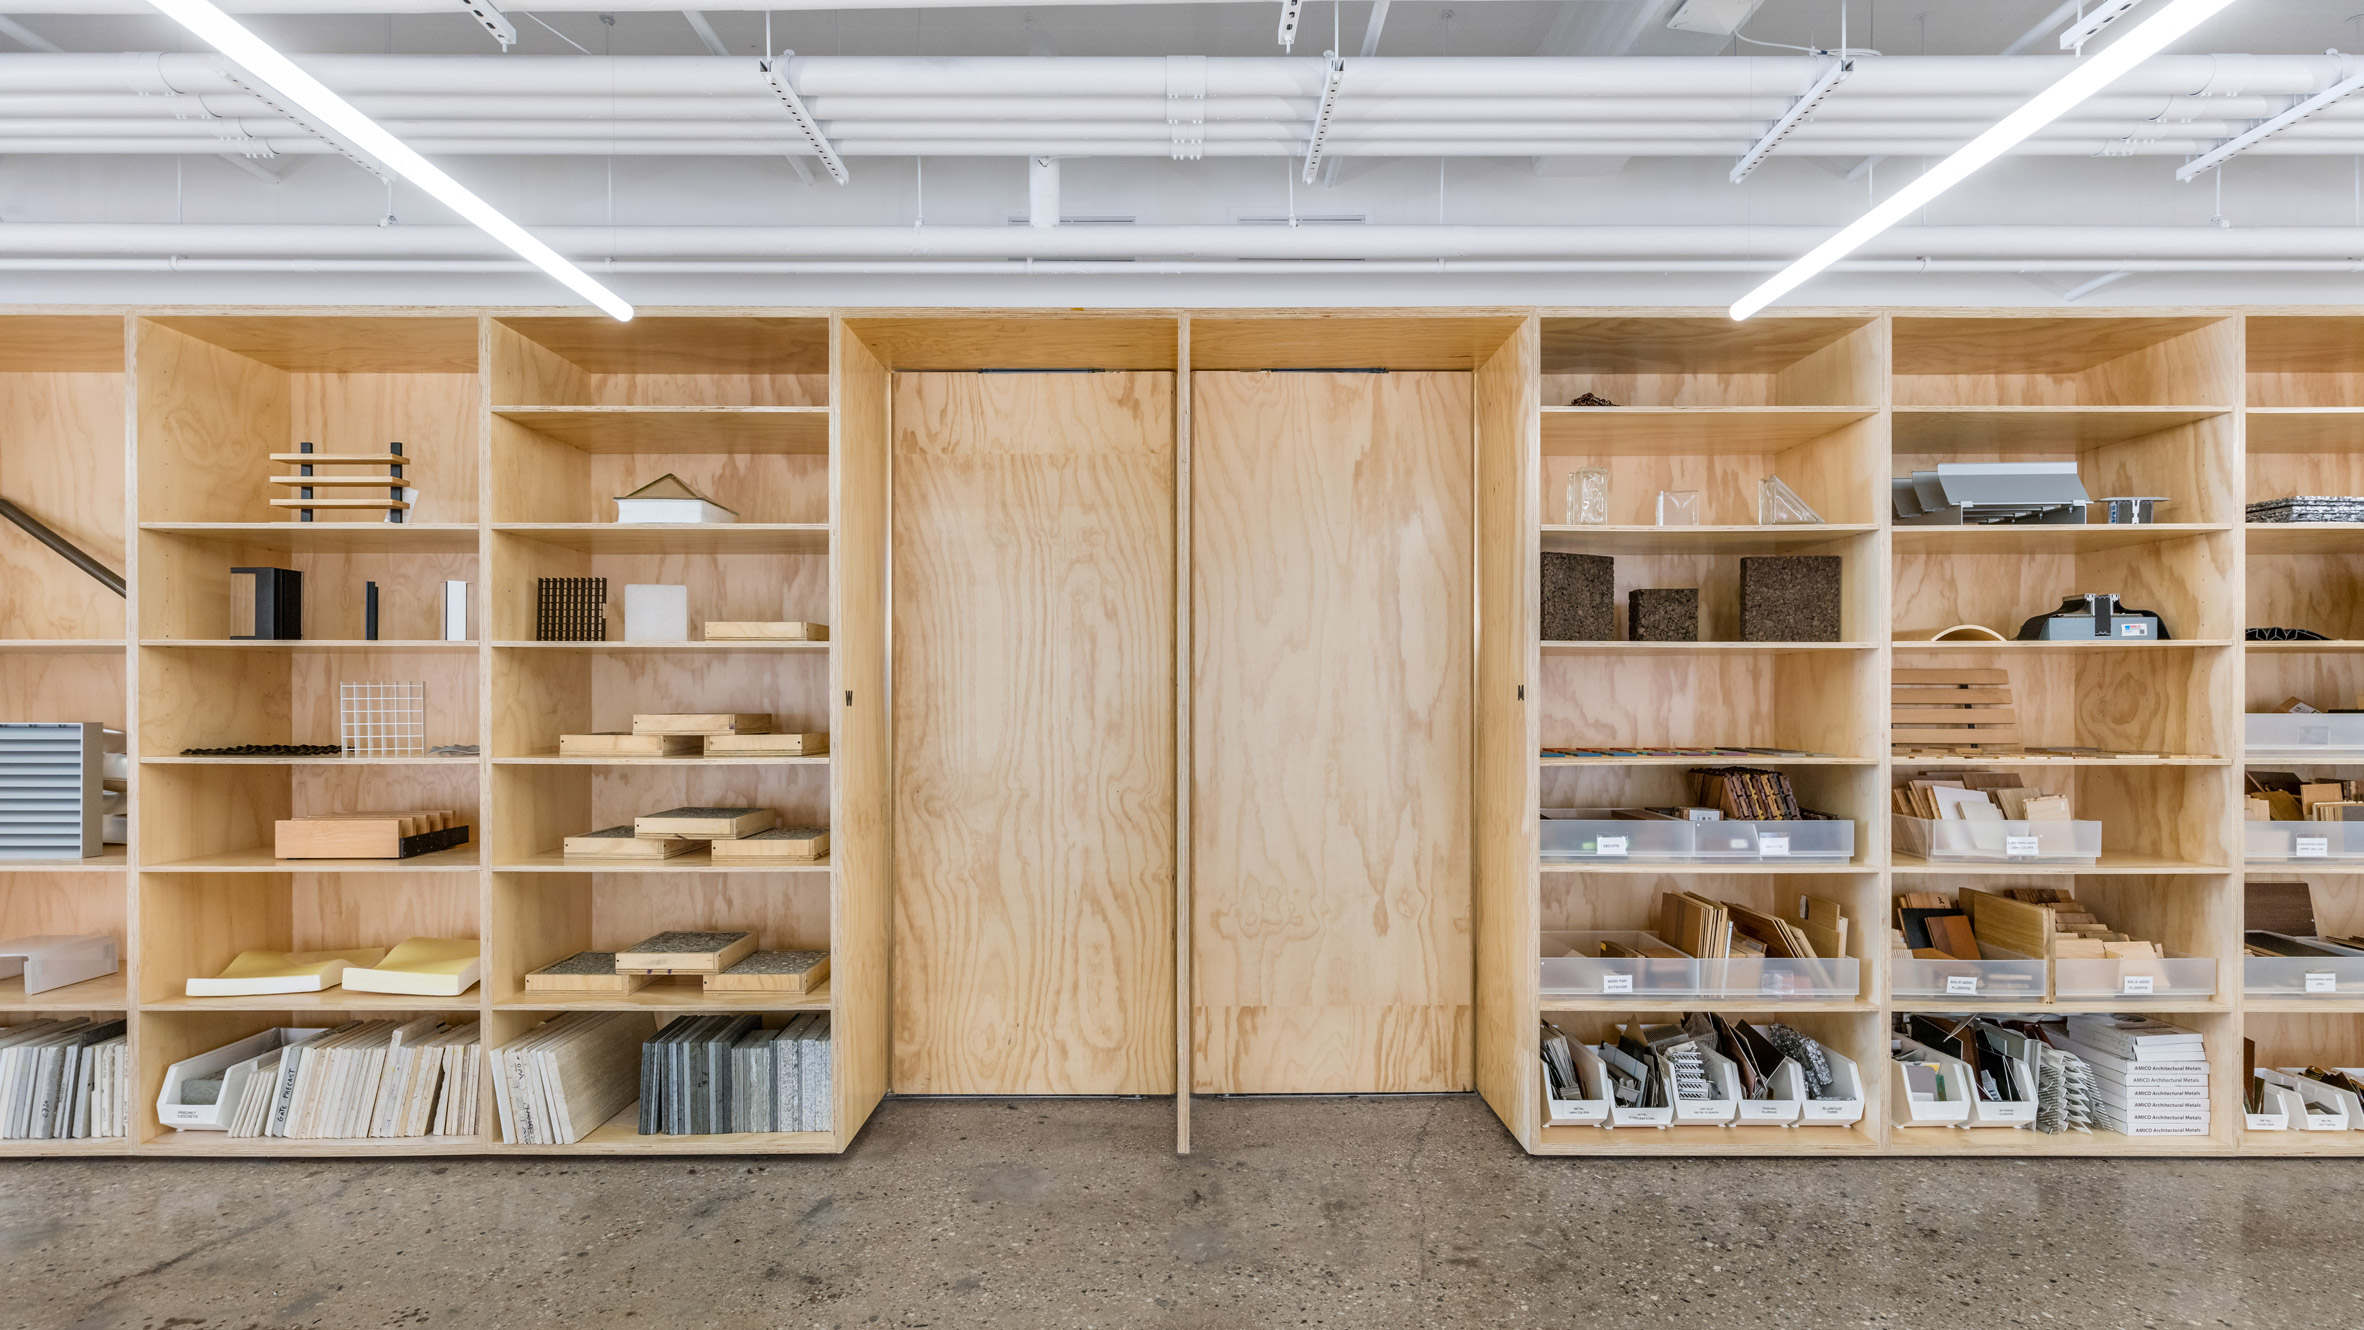 Thiết kế nội thất văn phòng 10